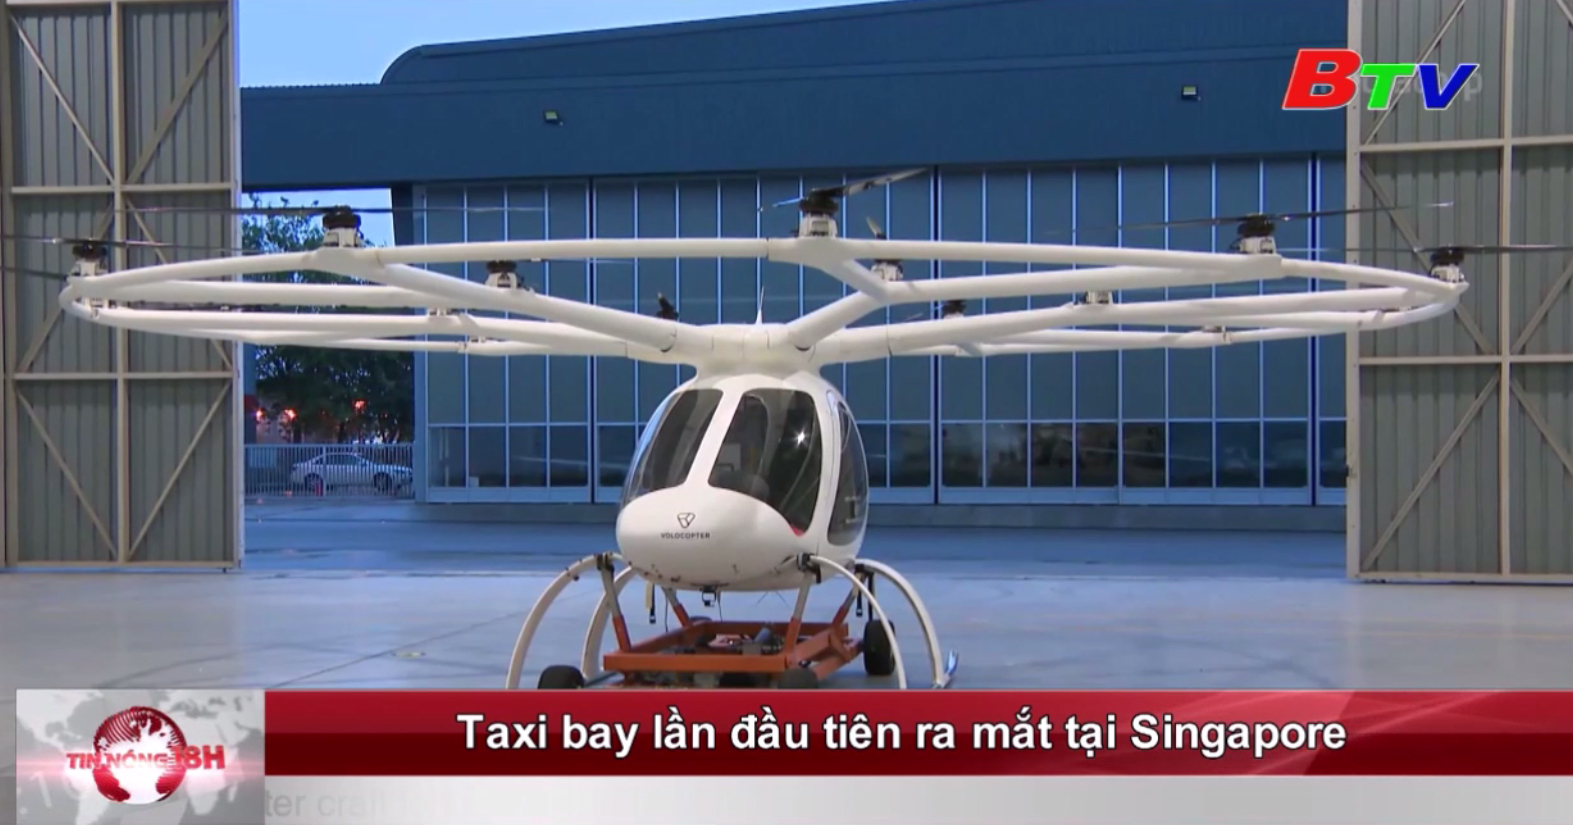 Taxi bay lần đầu tiên ra mắt tại Singapore